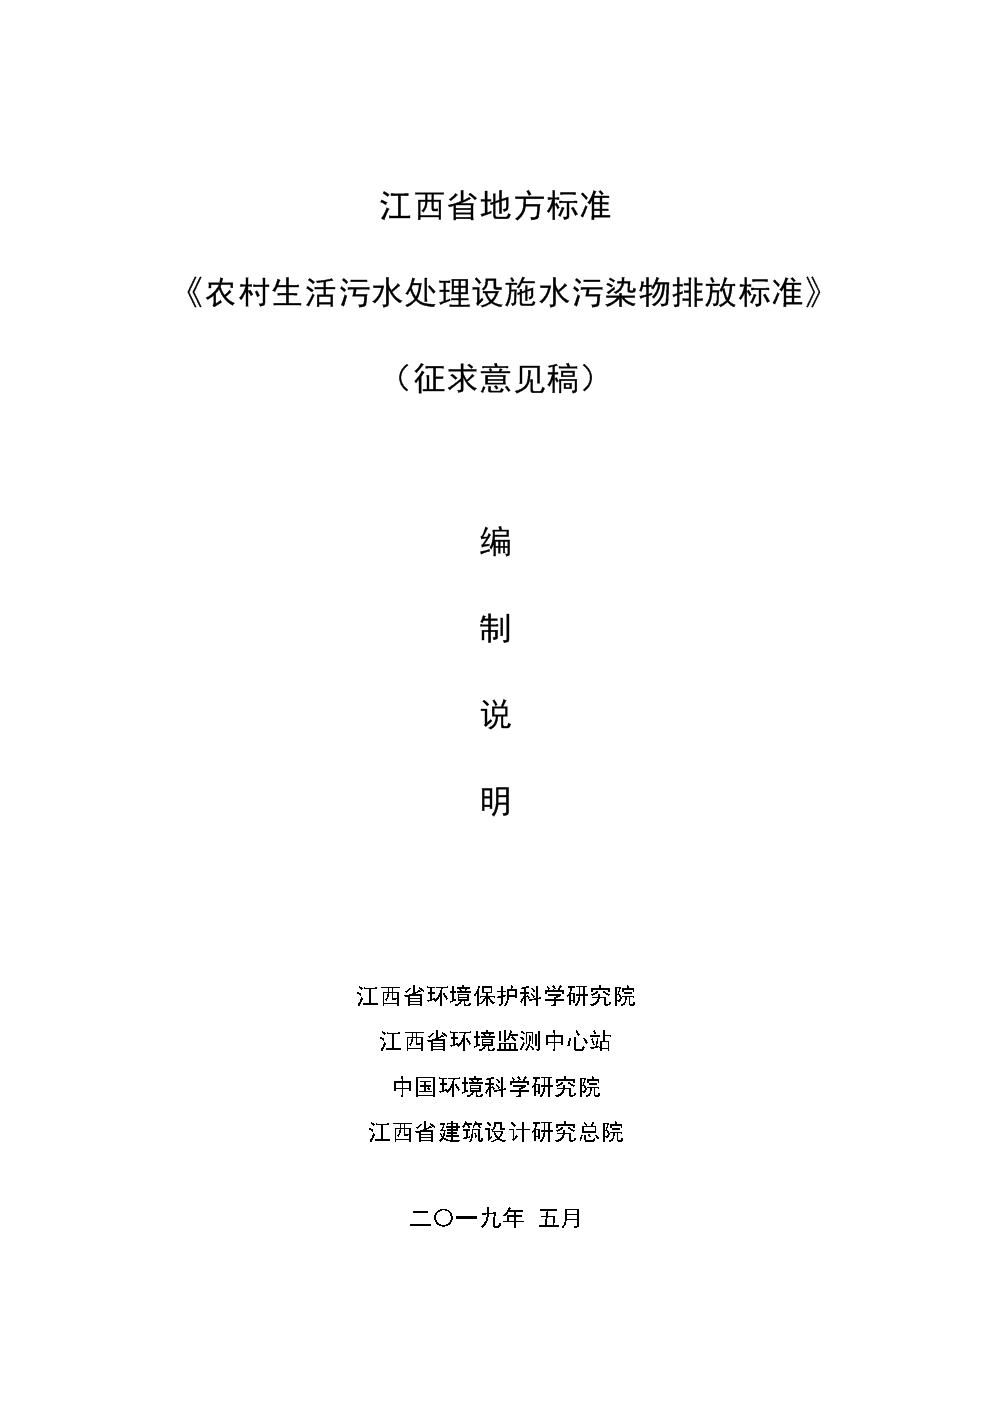 江西省农村生活污水处理设施水污染物排放标准(征求意见稿)编制说明.docx